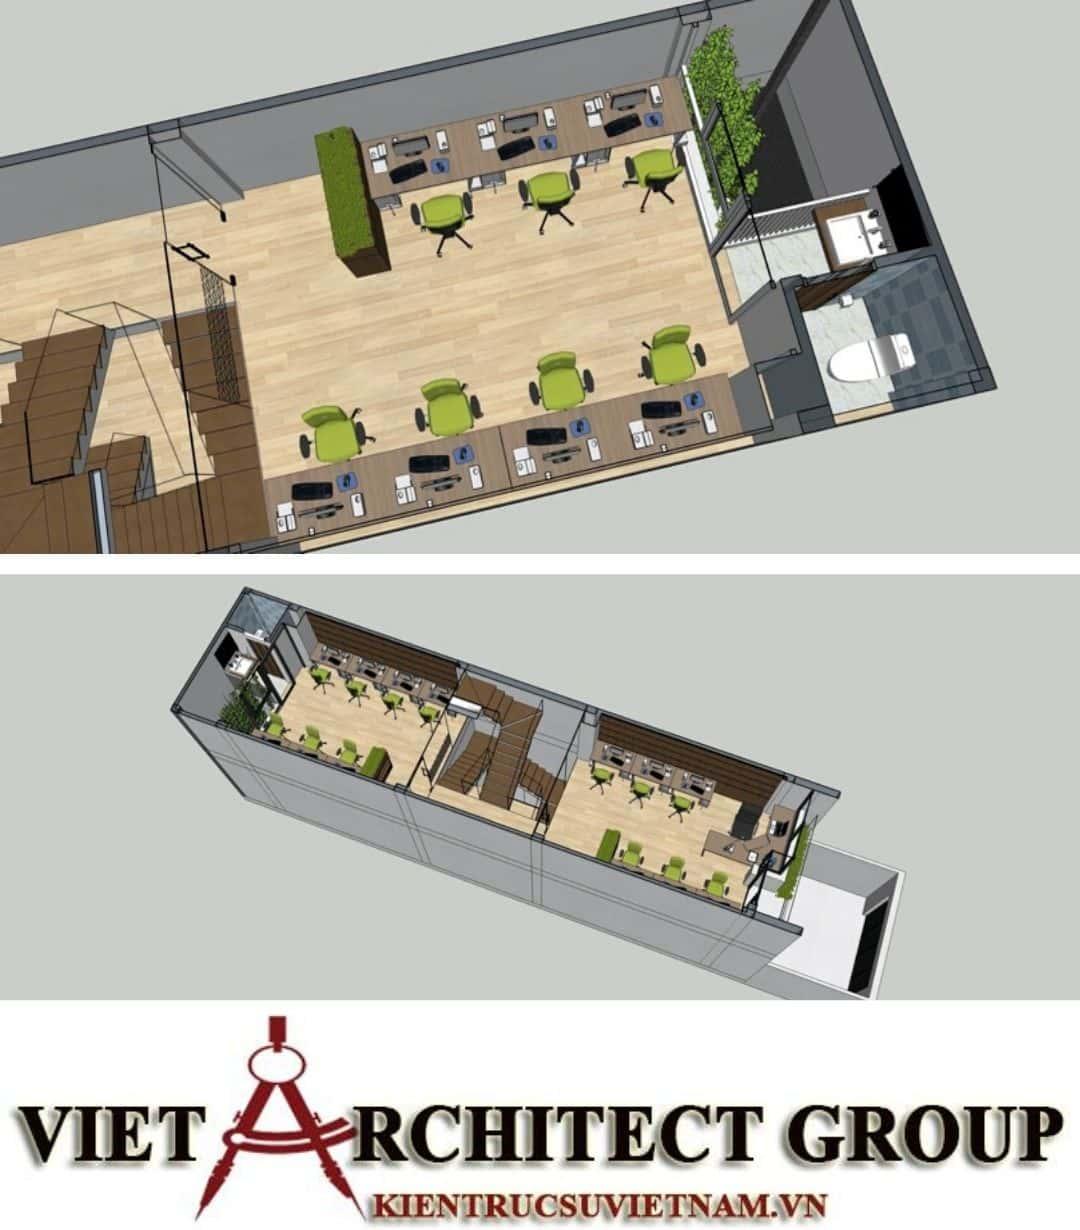 3 56 - Công trình nhà ở 4 tầng mặt tiền 4.5m anh Tuấn - TPHCM